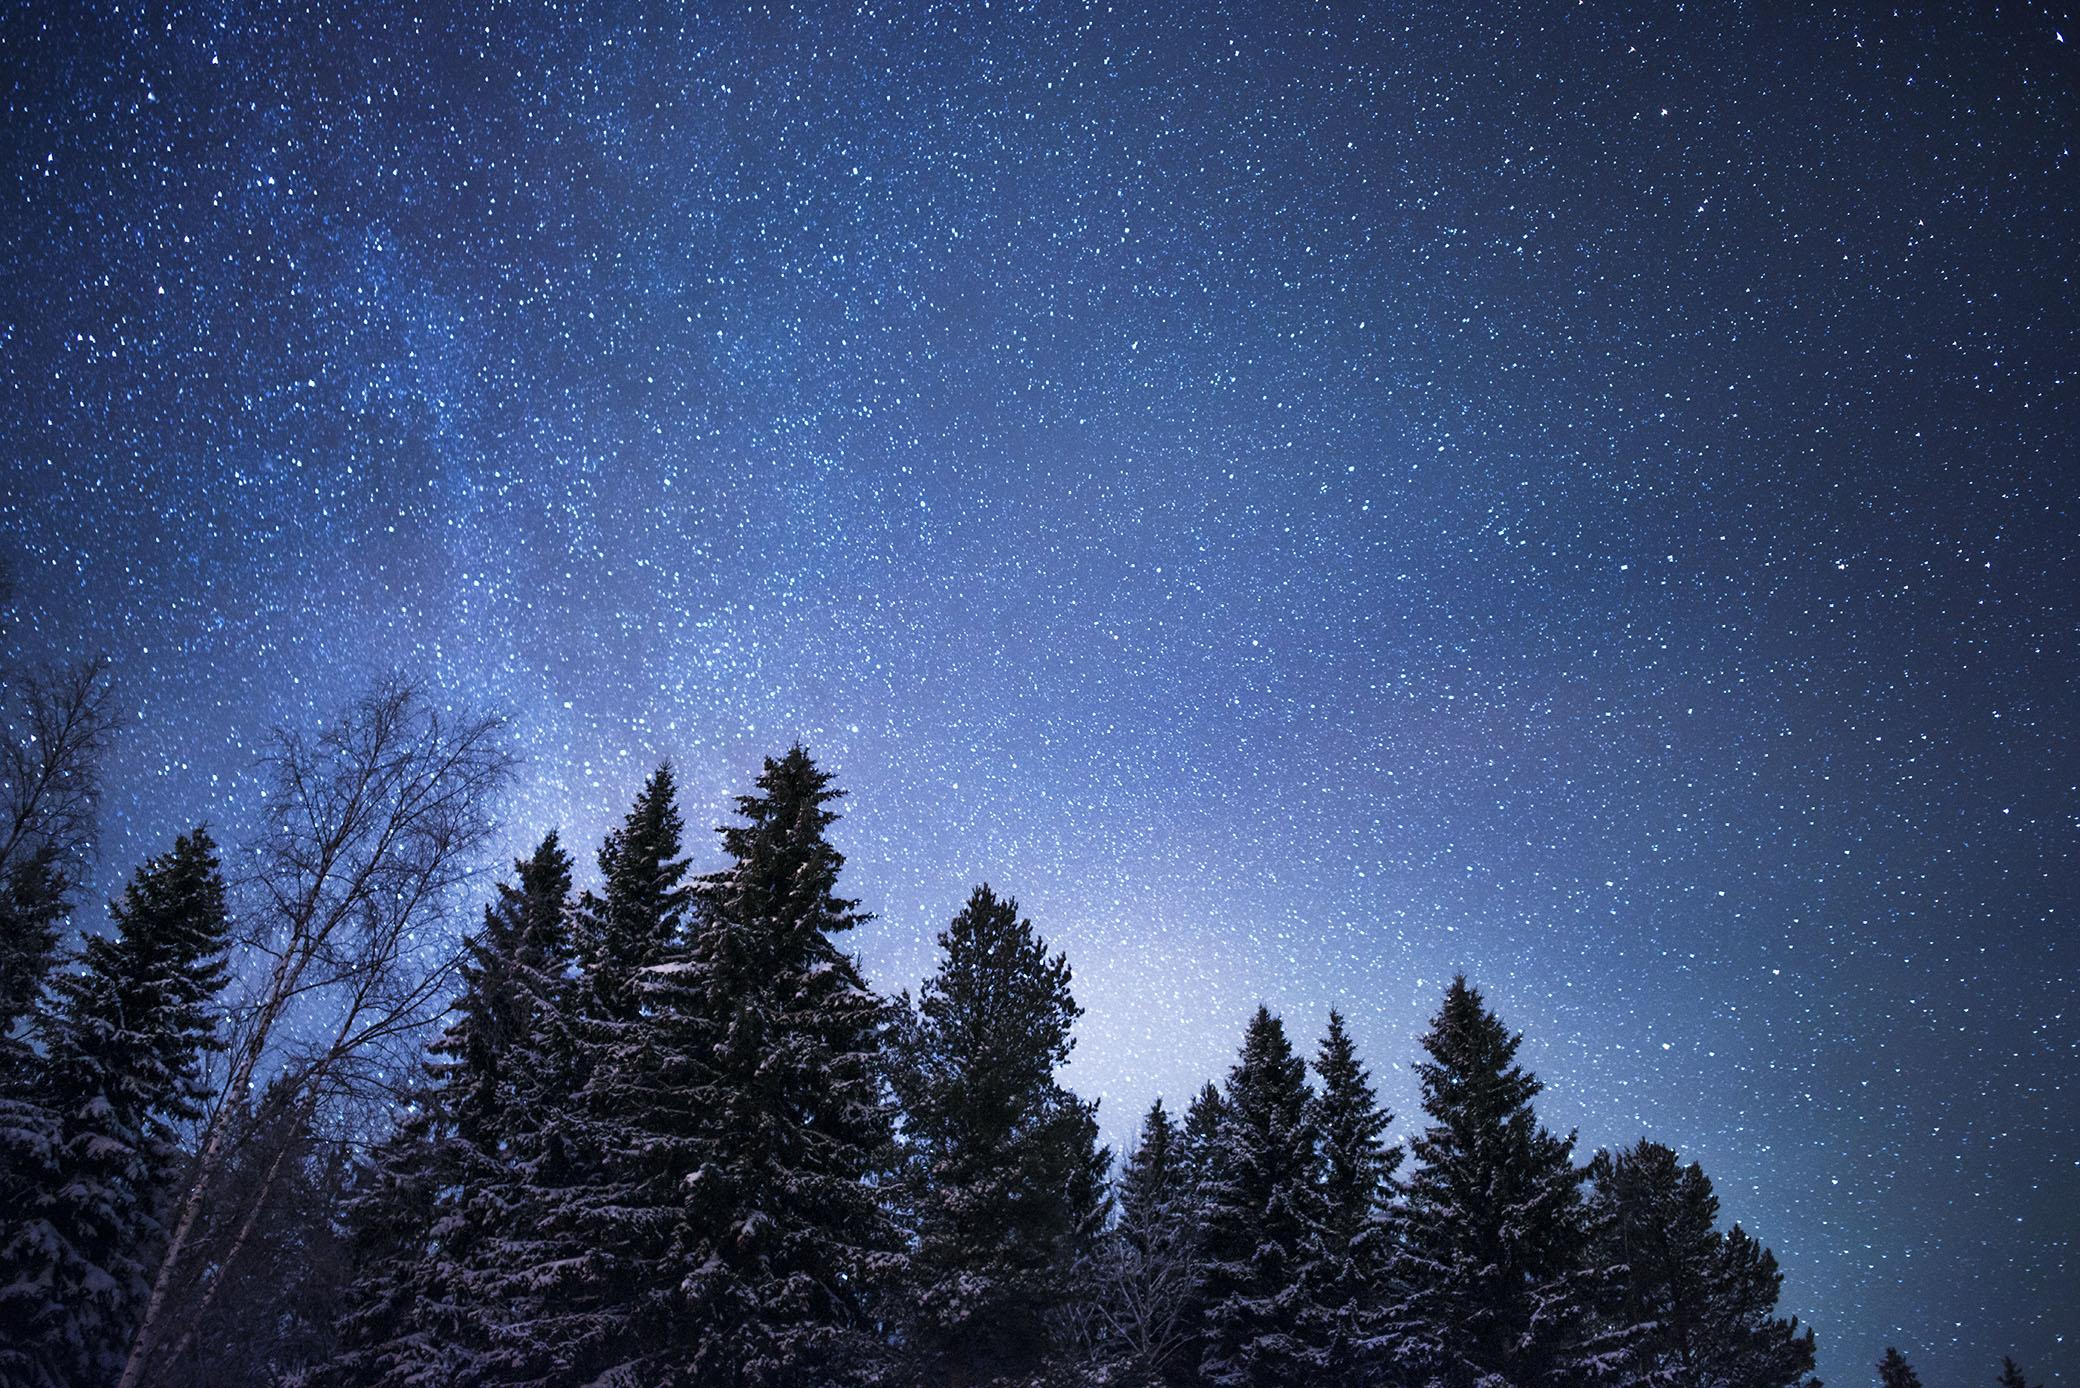 Det spelar ingen roll hur mycket tid jag redan spenderat av mitt liv tittandes upp mot stjärnhimlen. Jag blir aldrig trött på det. Varje gång blir jag lika fascinerad. Ja, jag tror till och med att jag blir mer och mer fascinerad ju äldre jag blir. Jag kan aldrig sluta att älska stjärnhimlen.